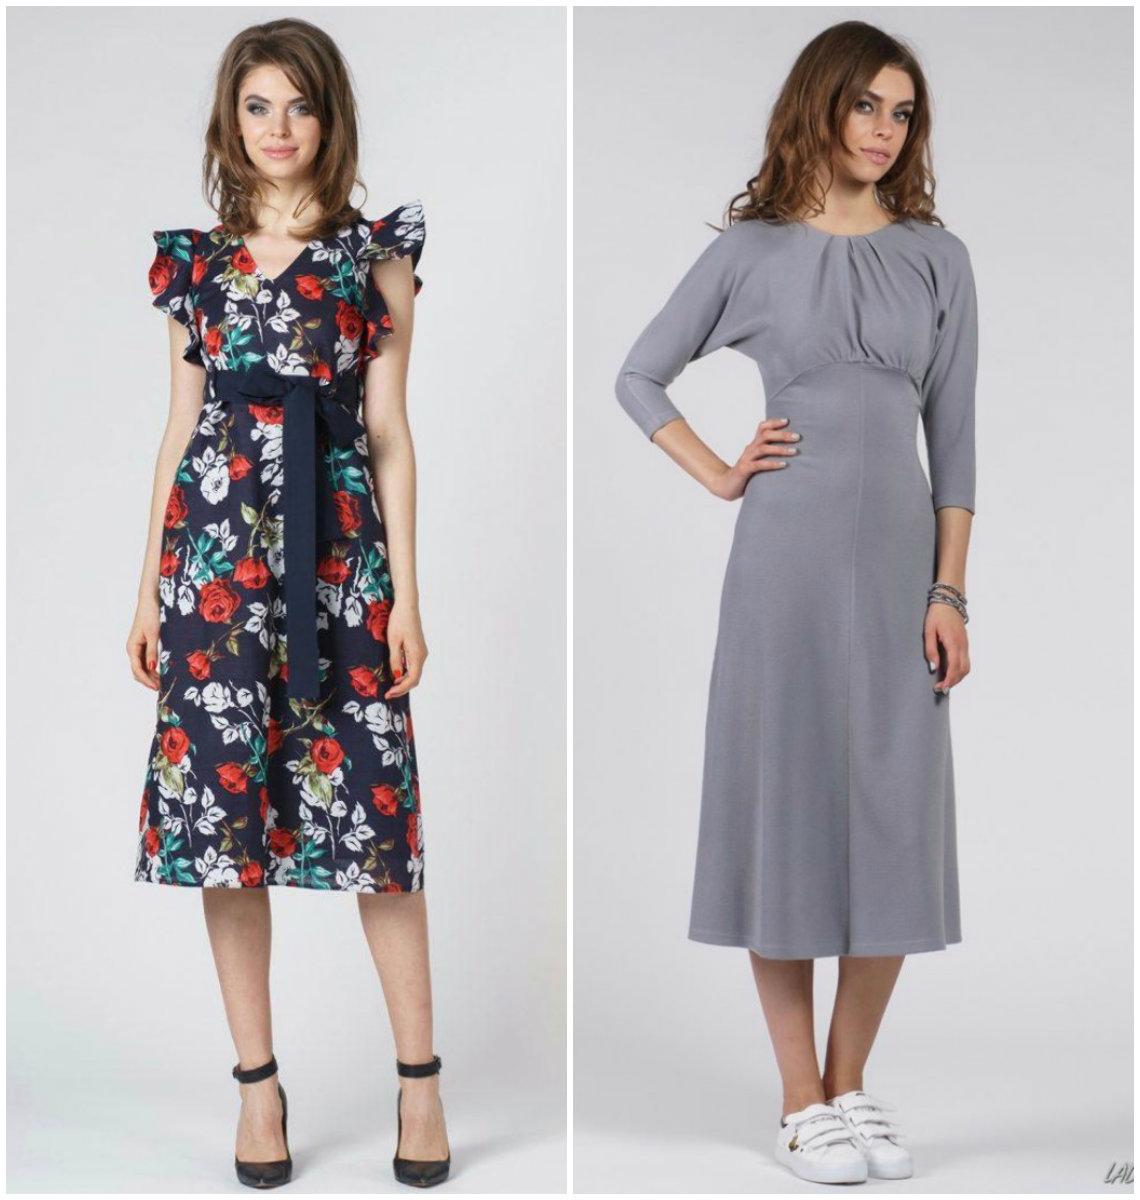 Фасоны платьев 2018: модели на каждый день